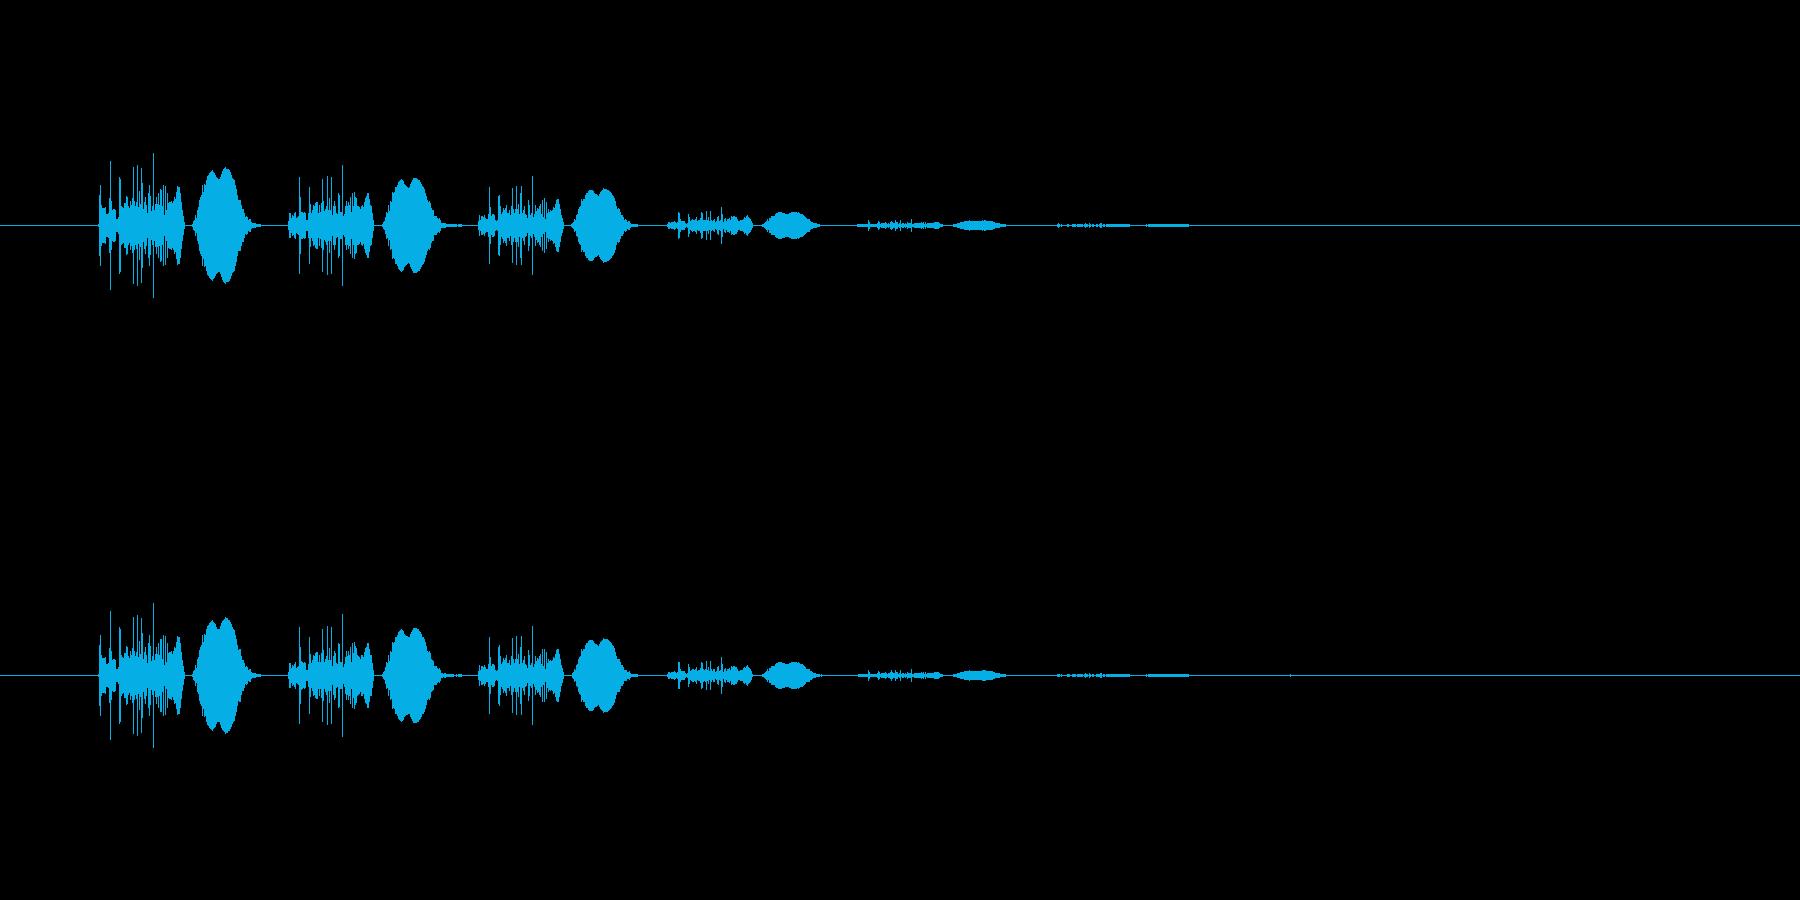 【ポップモーション36-4】の再生済みの波形